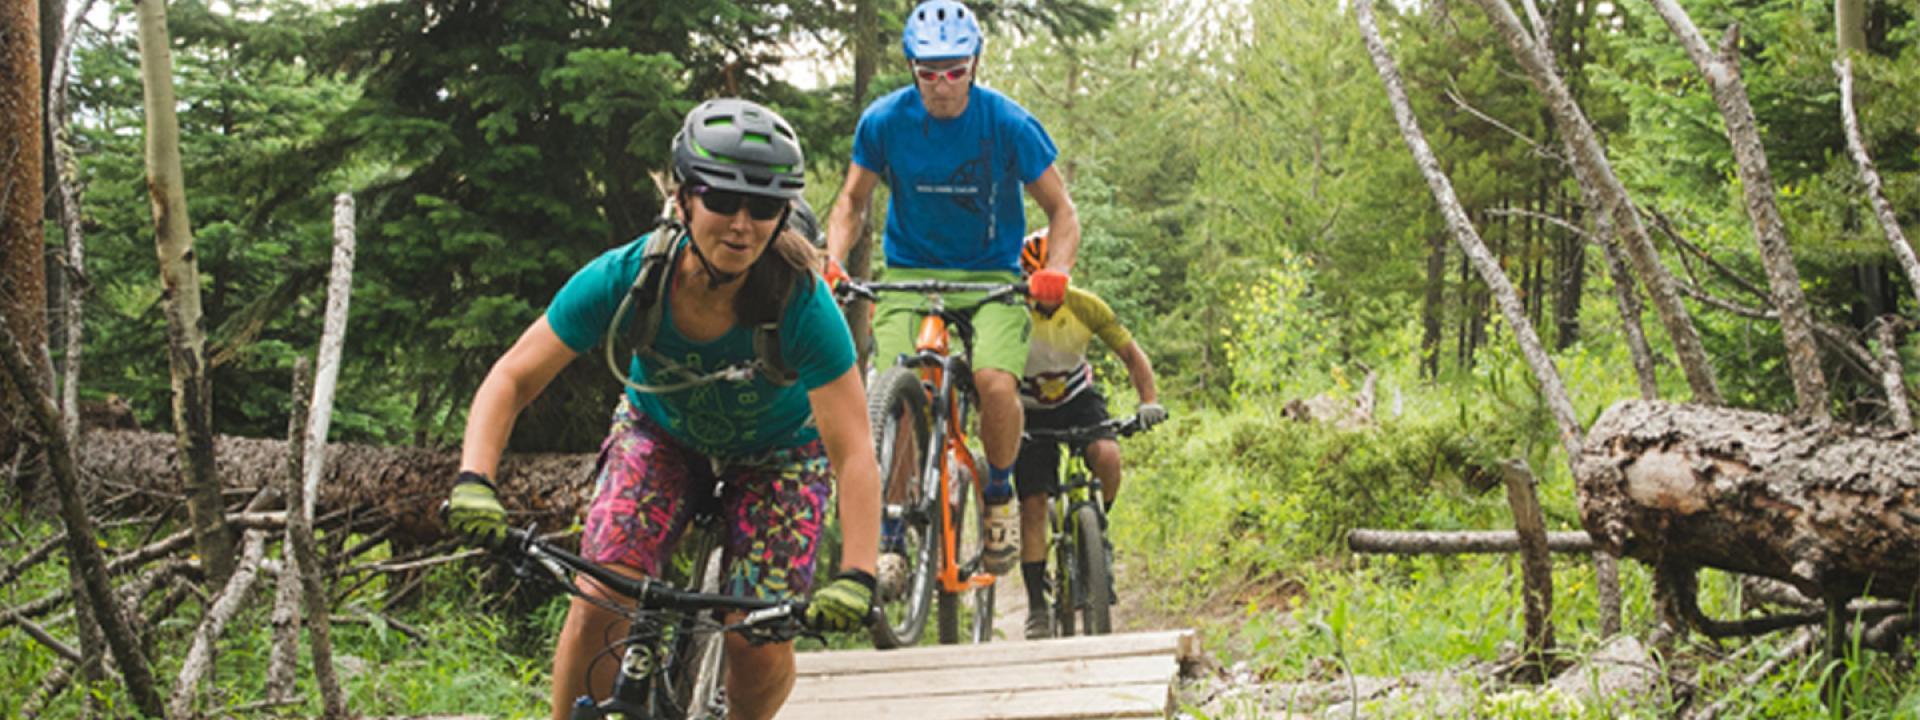 bike races events winter park colorado